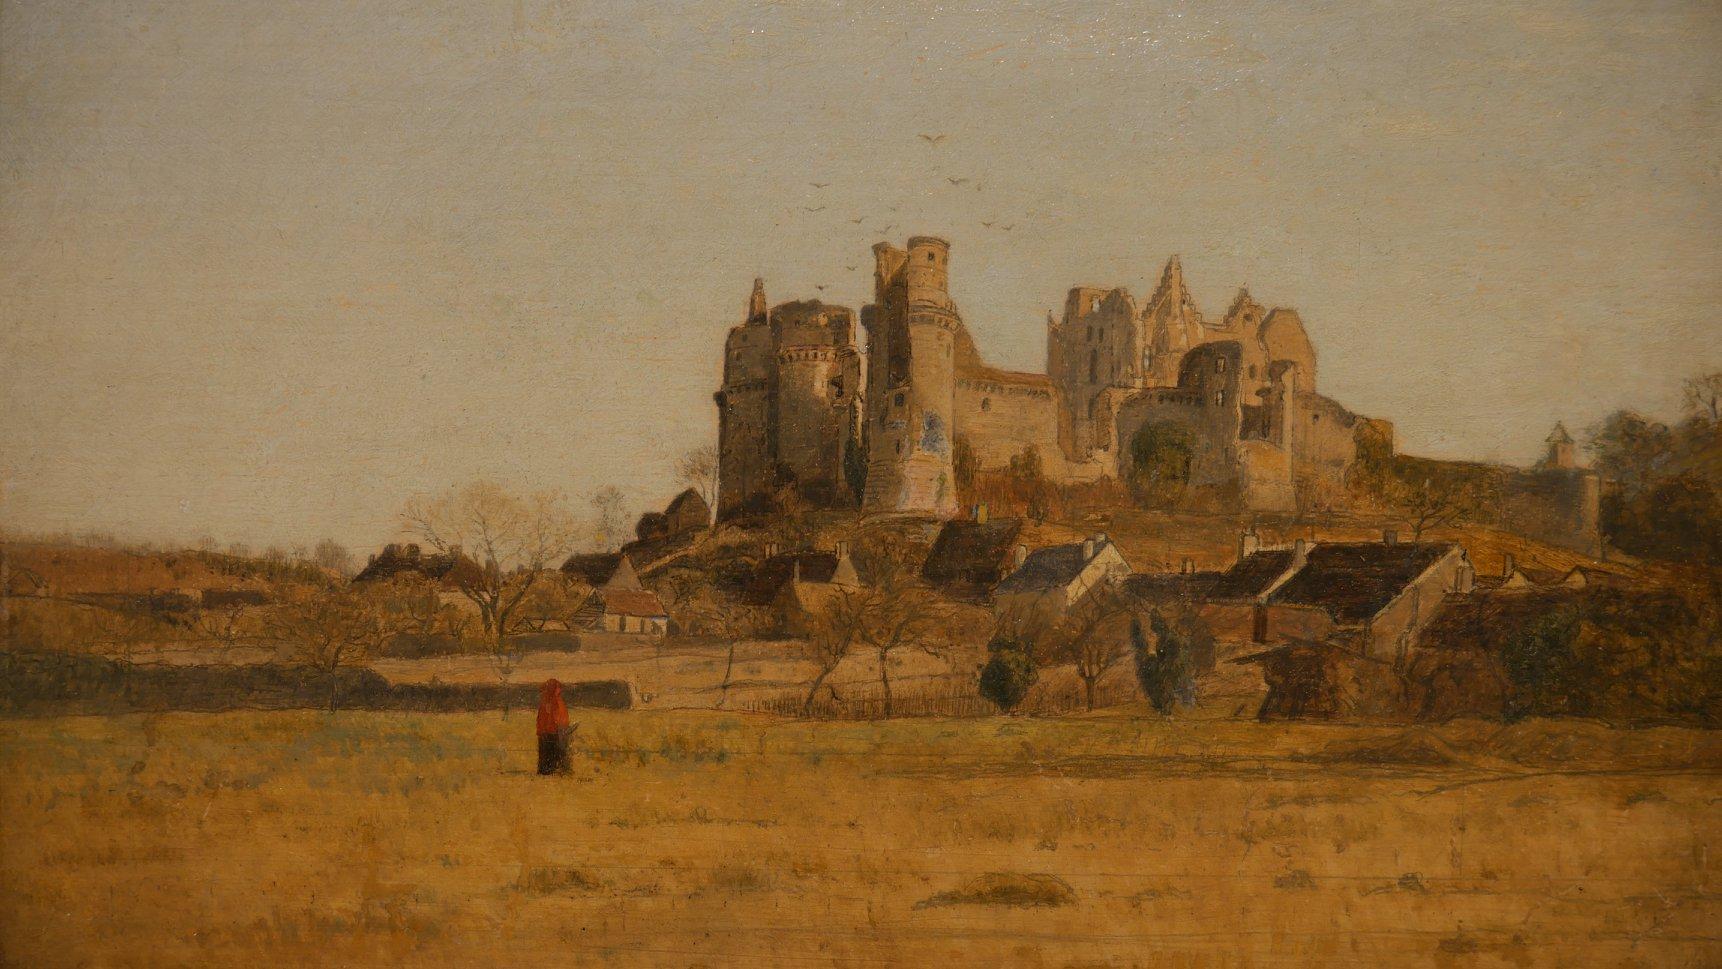 Ruines du château de Pierrefonds, Eugène LAVIEILLE, huile sur panneau, France, seconde moitié du XIXe siècle